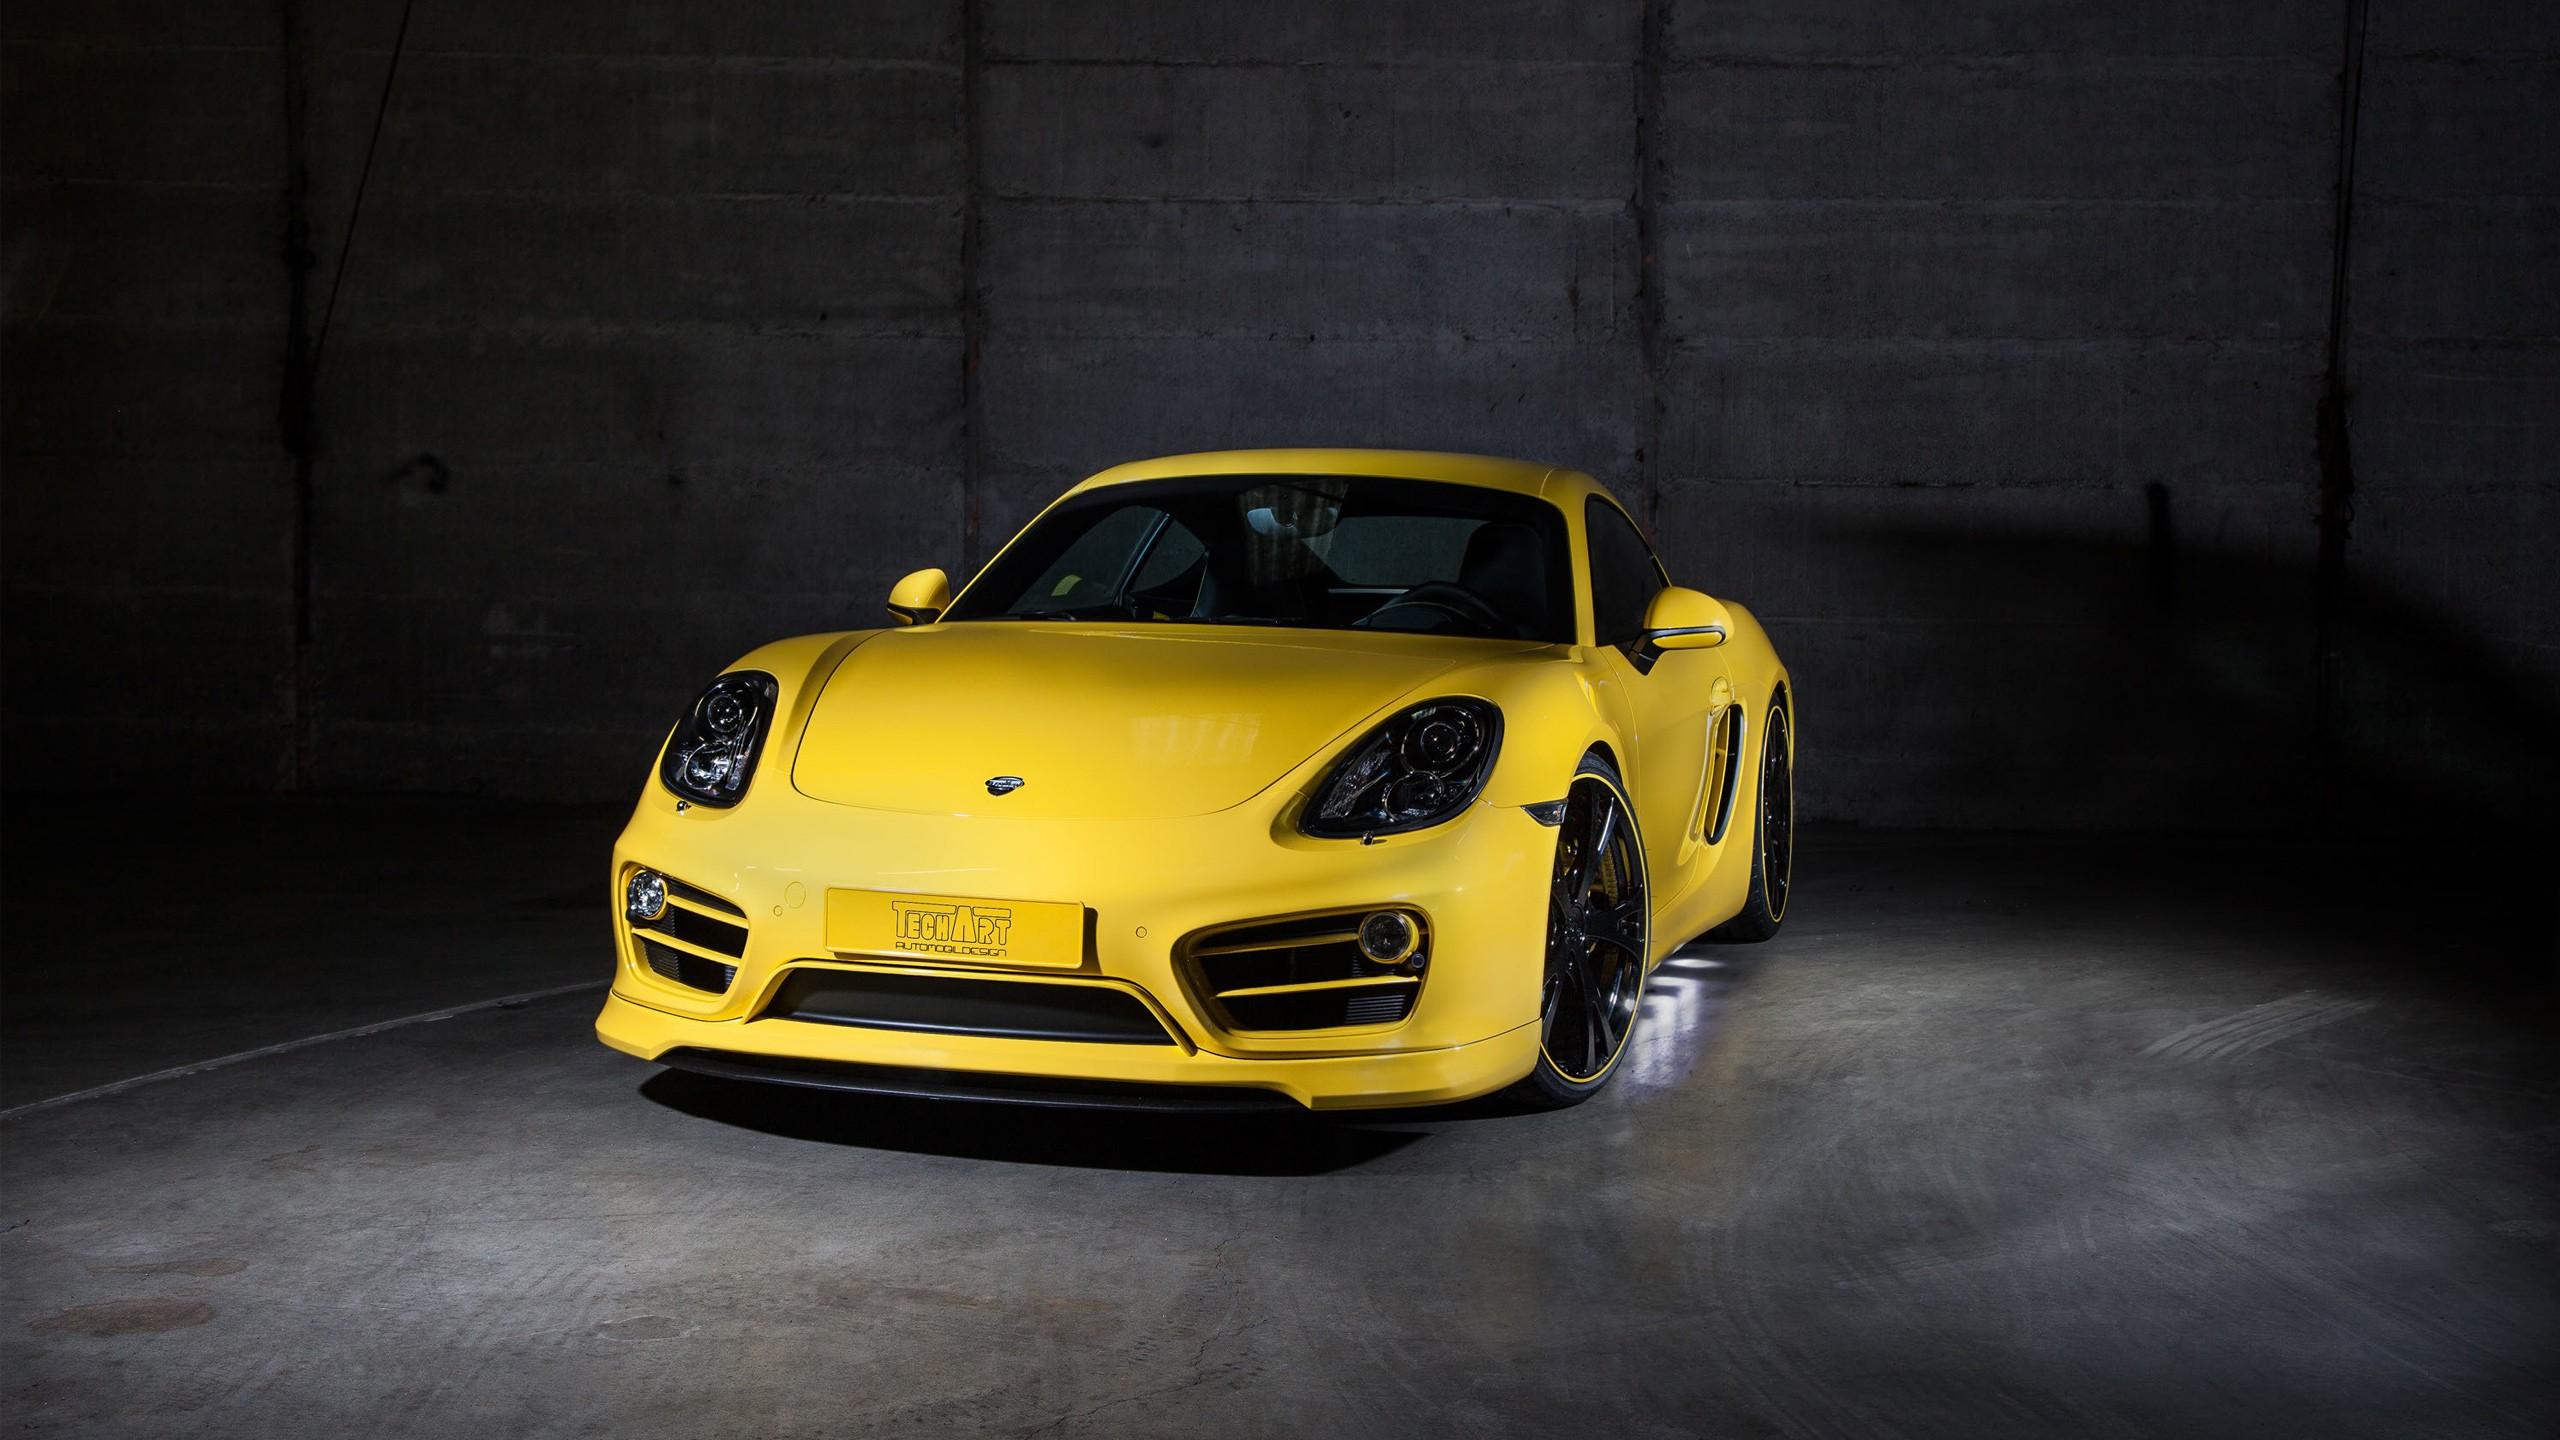 Bmw Of Lincoln >> 2016 TechArt Porsche Cayman Wallpaper | HD Car Wallpapers | ID #6734